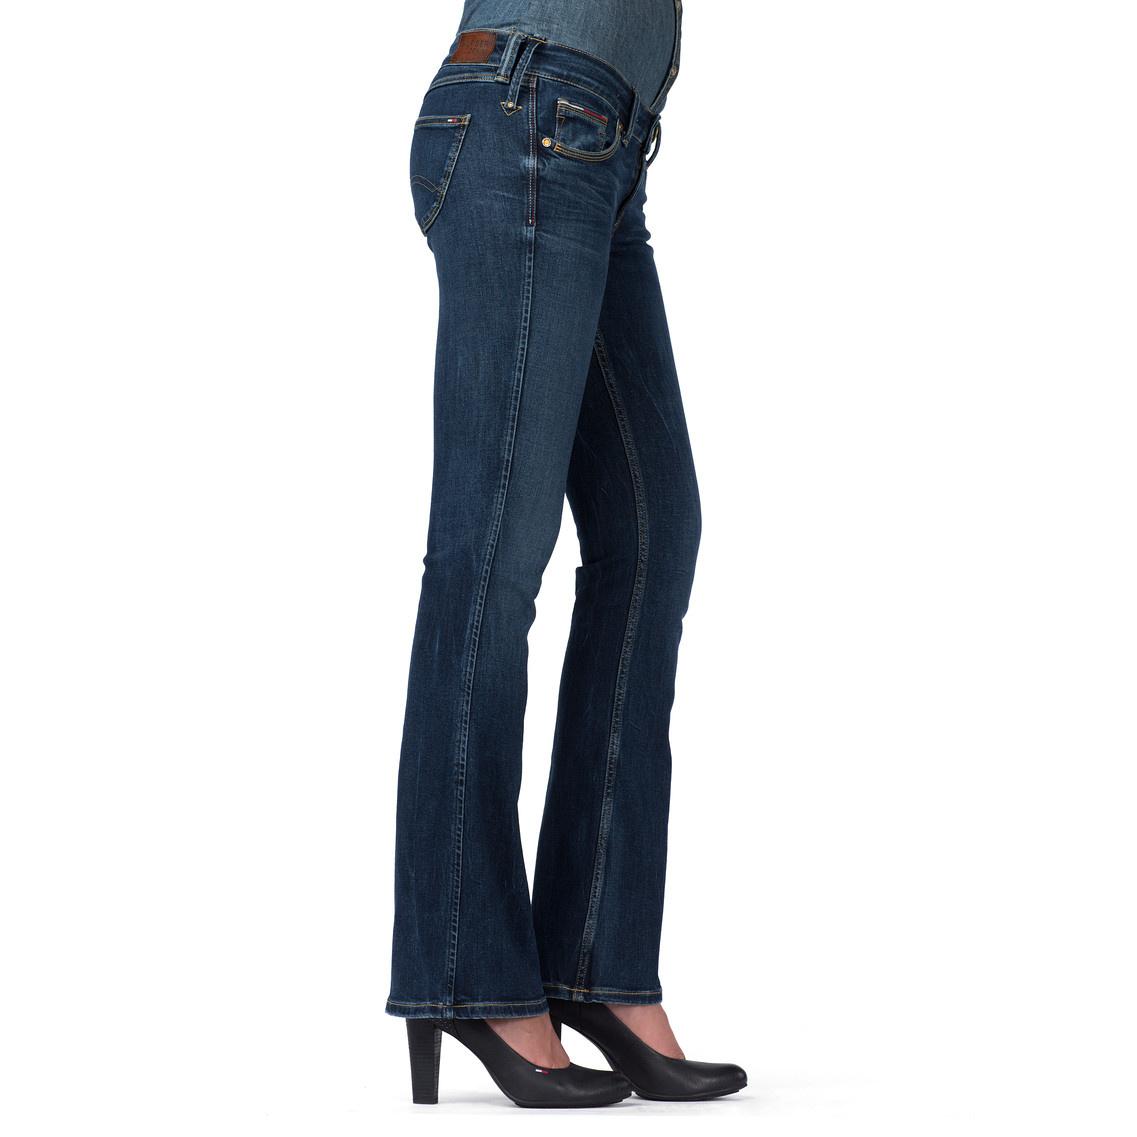 lyst tommy hilfiger sophie boot cut jeans in blue. Black Bedroom Furniture Sets. Home Design Ideas